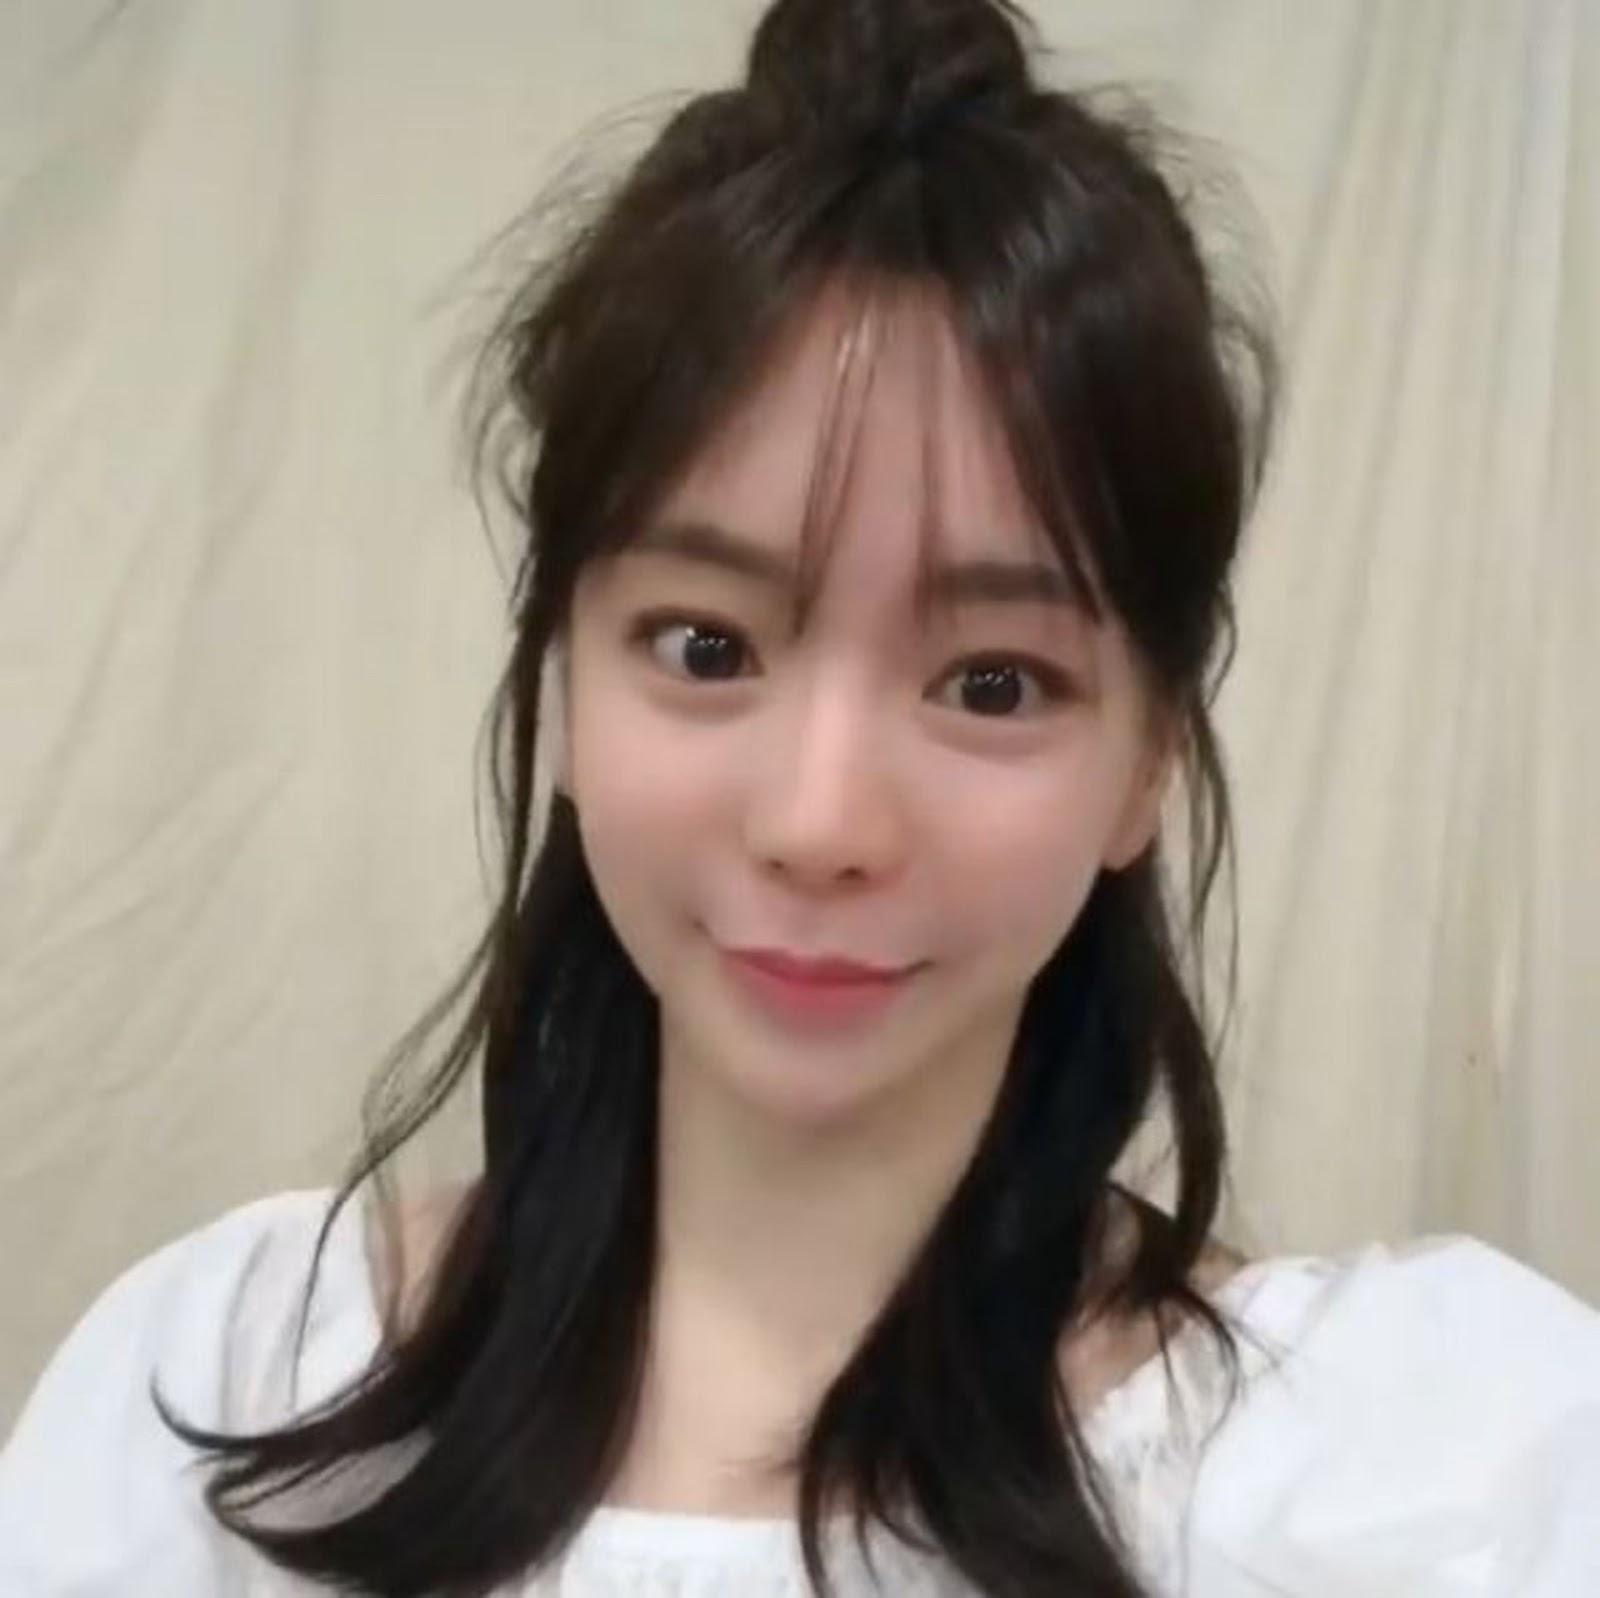 hwang hana yg